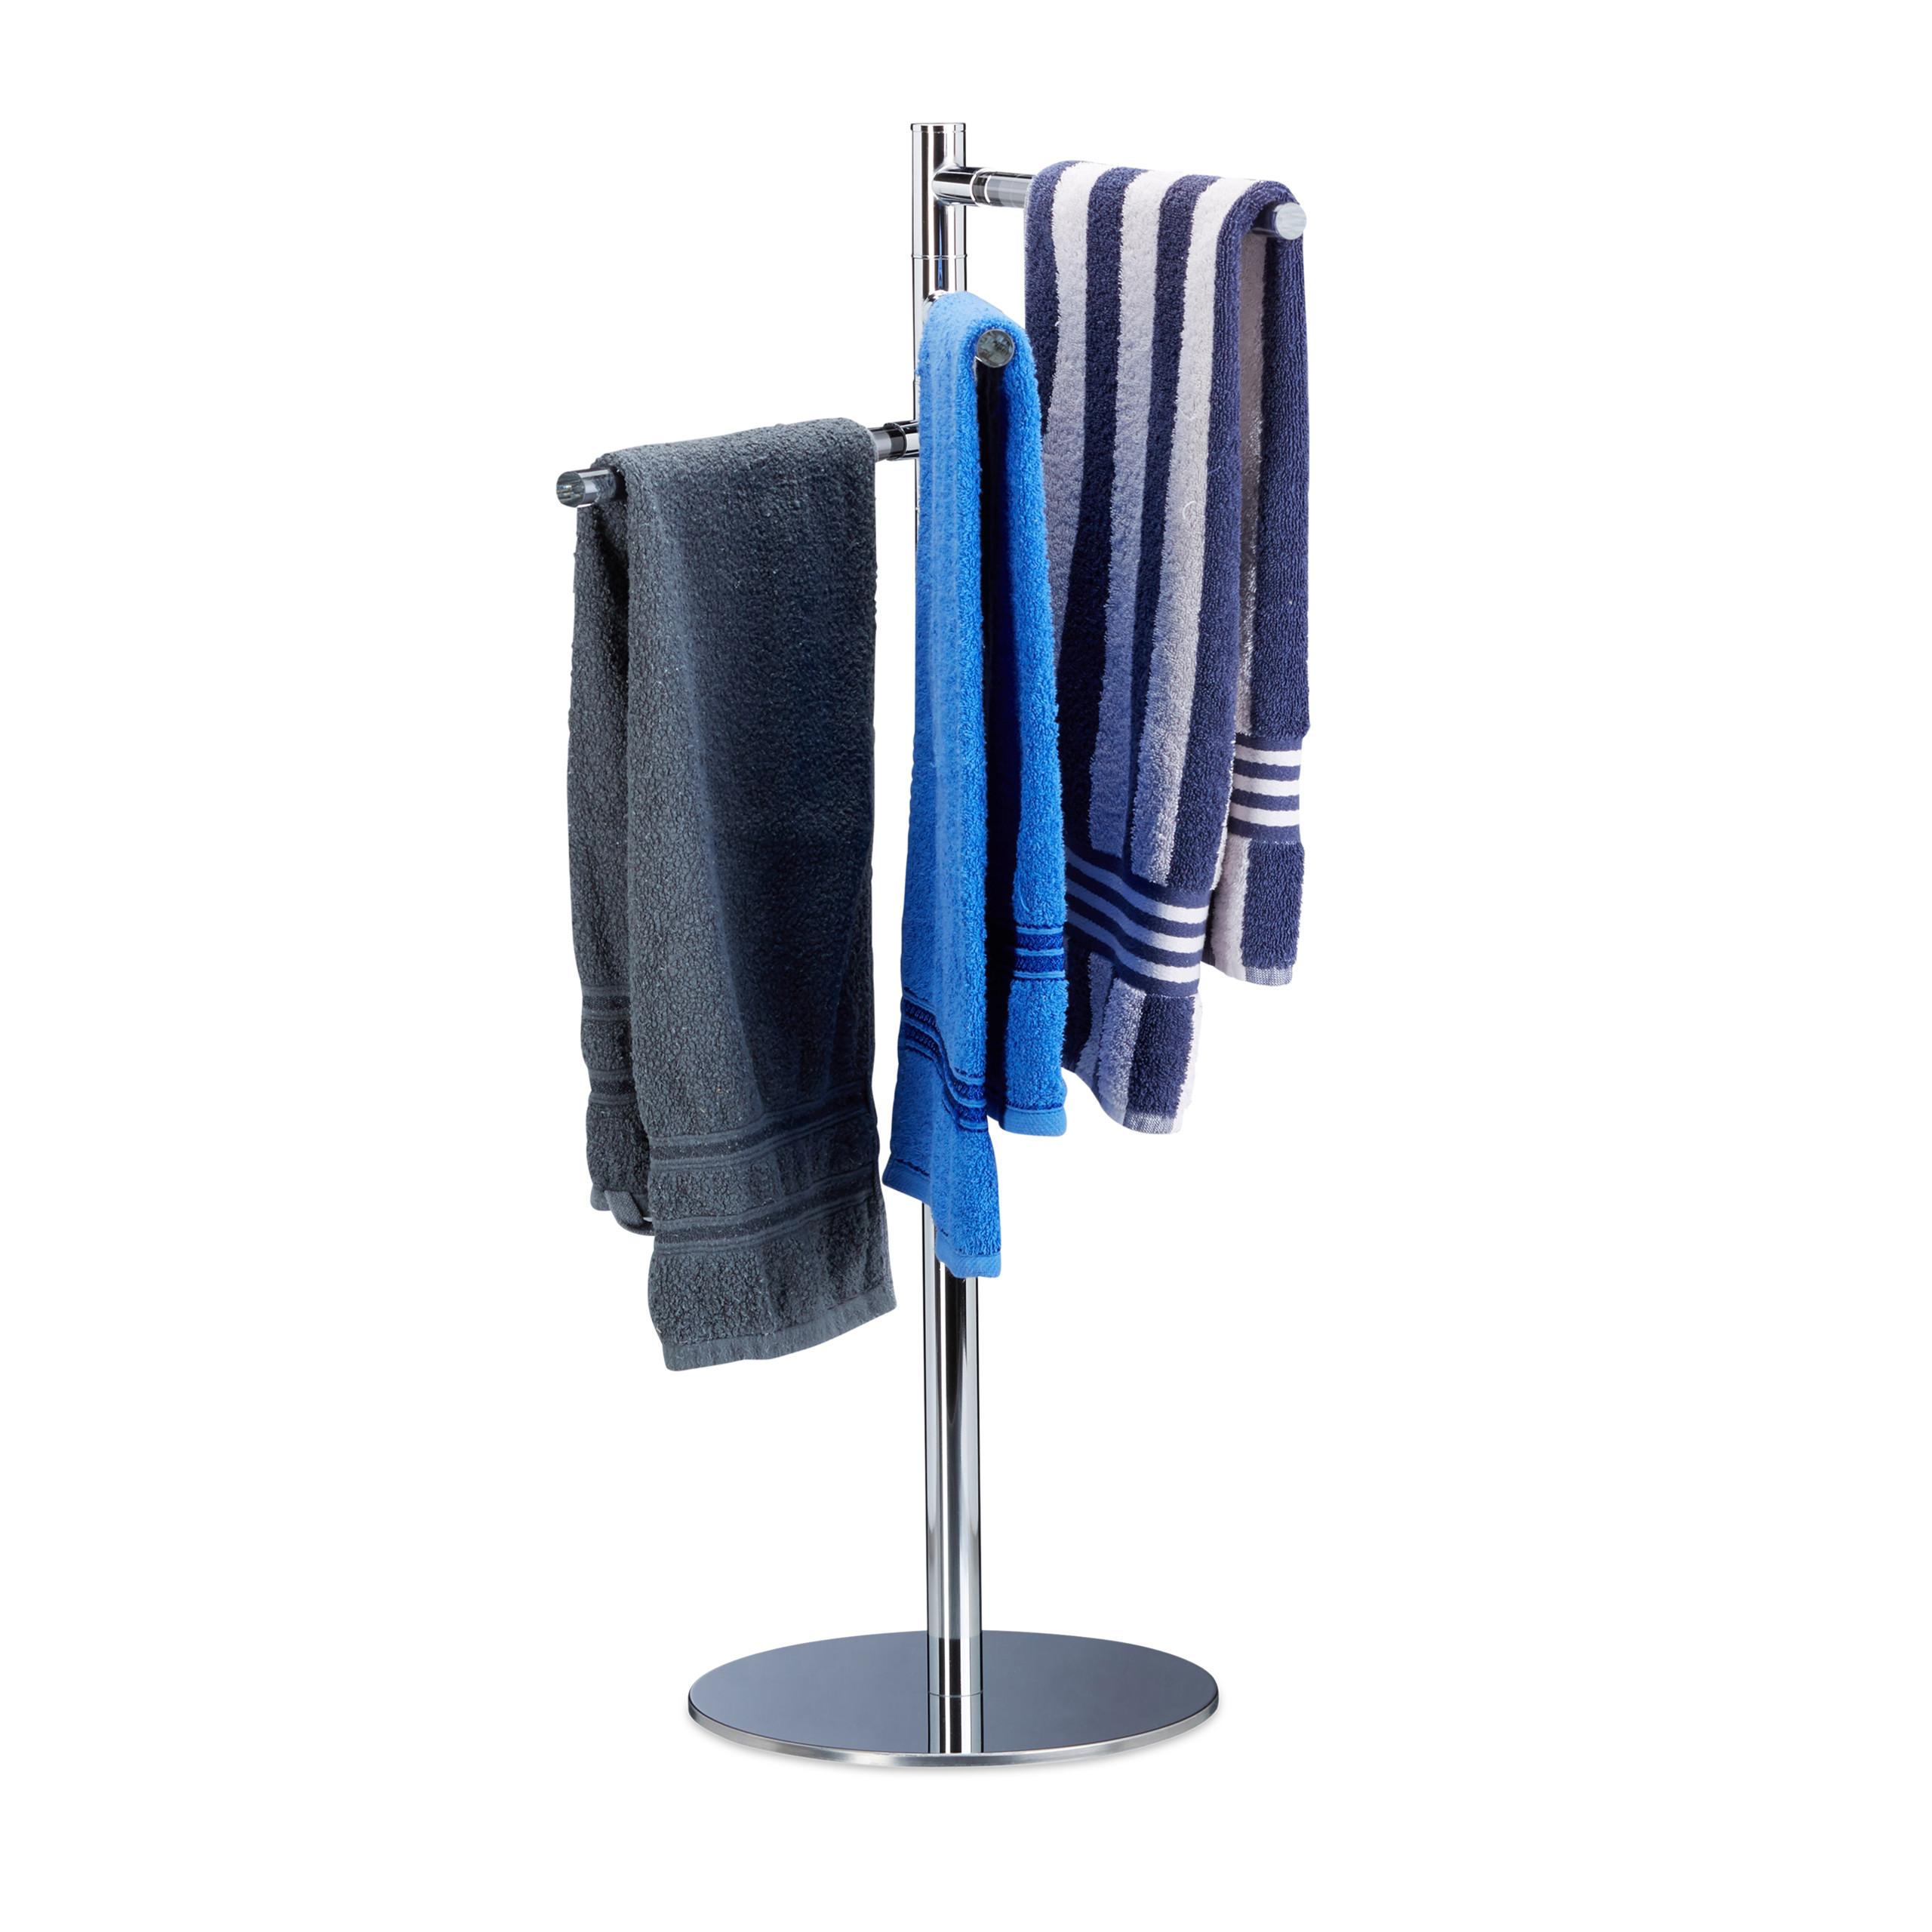 handtuchhalter freistehend standhandtuchhalter badetuchhalter handtuchst nder ebay. Black Bedroom Furniture Sets. Home Design Ideas